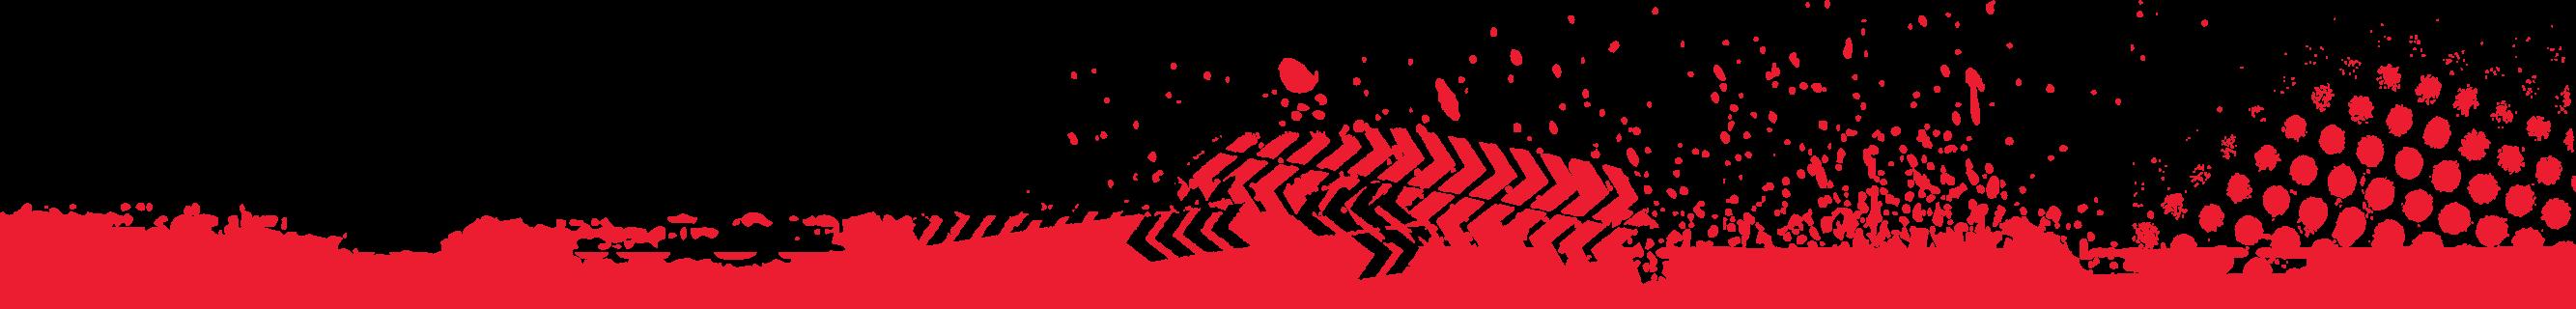 Grunge Graphic